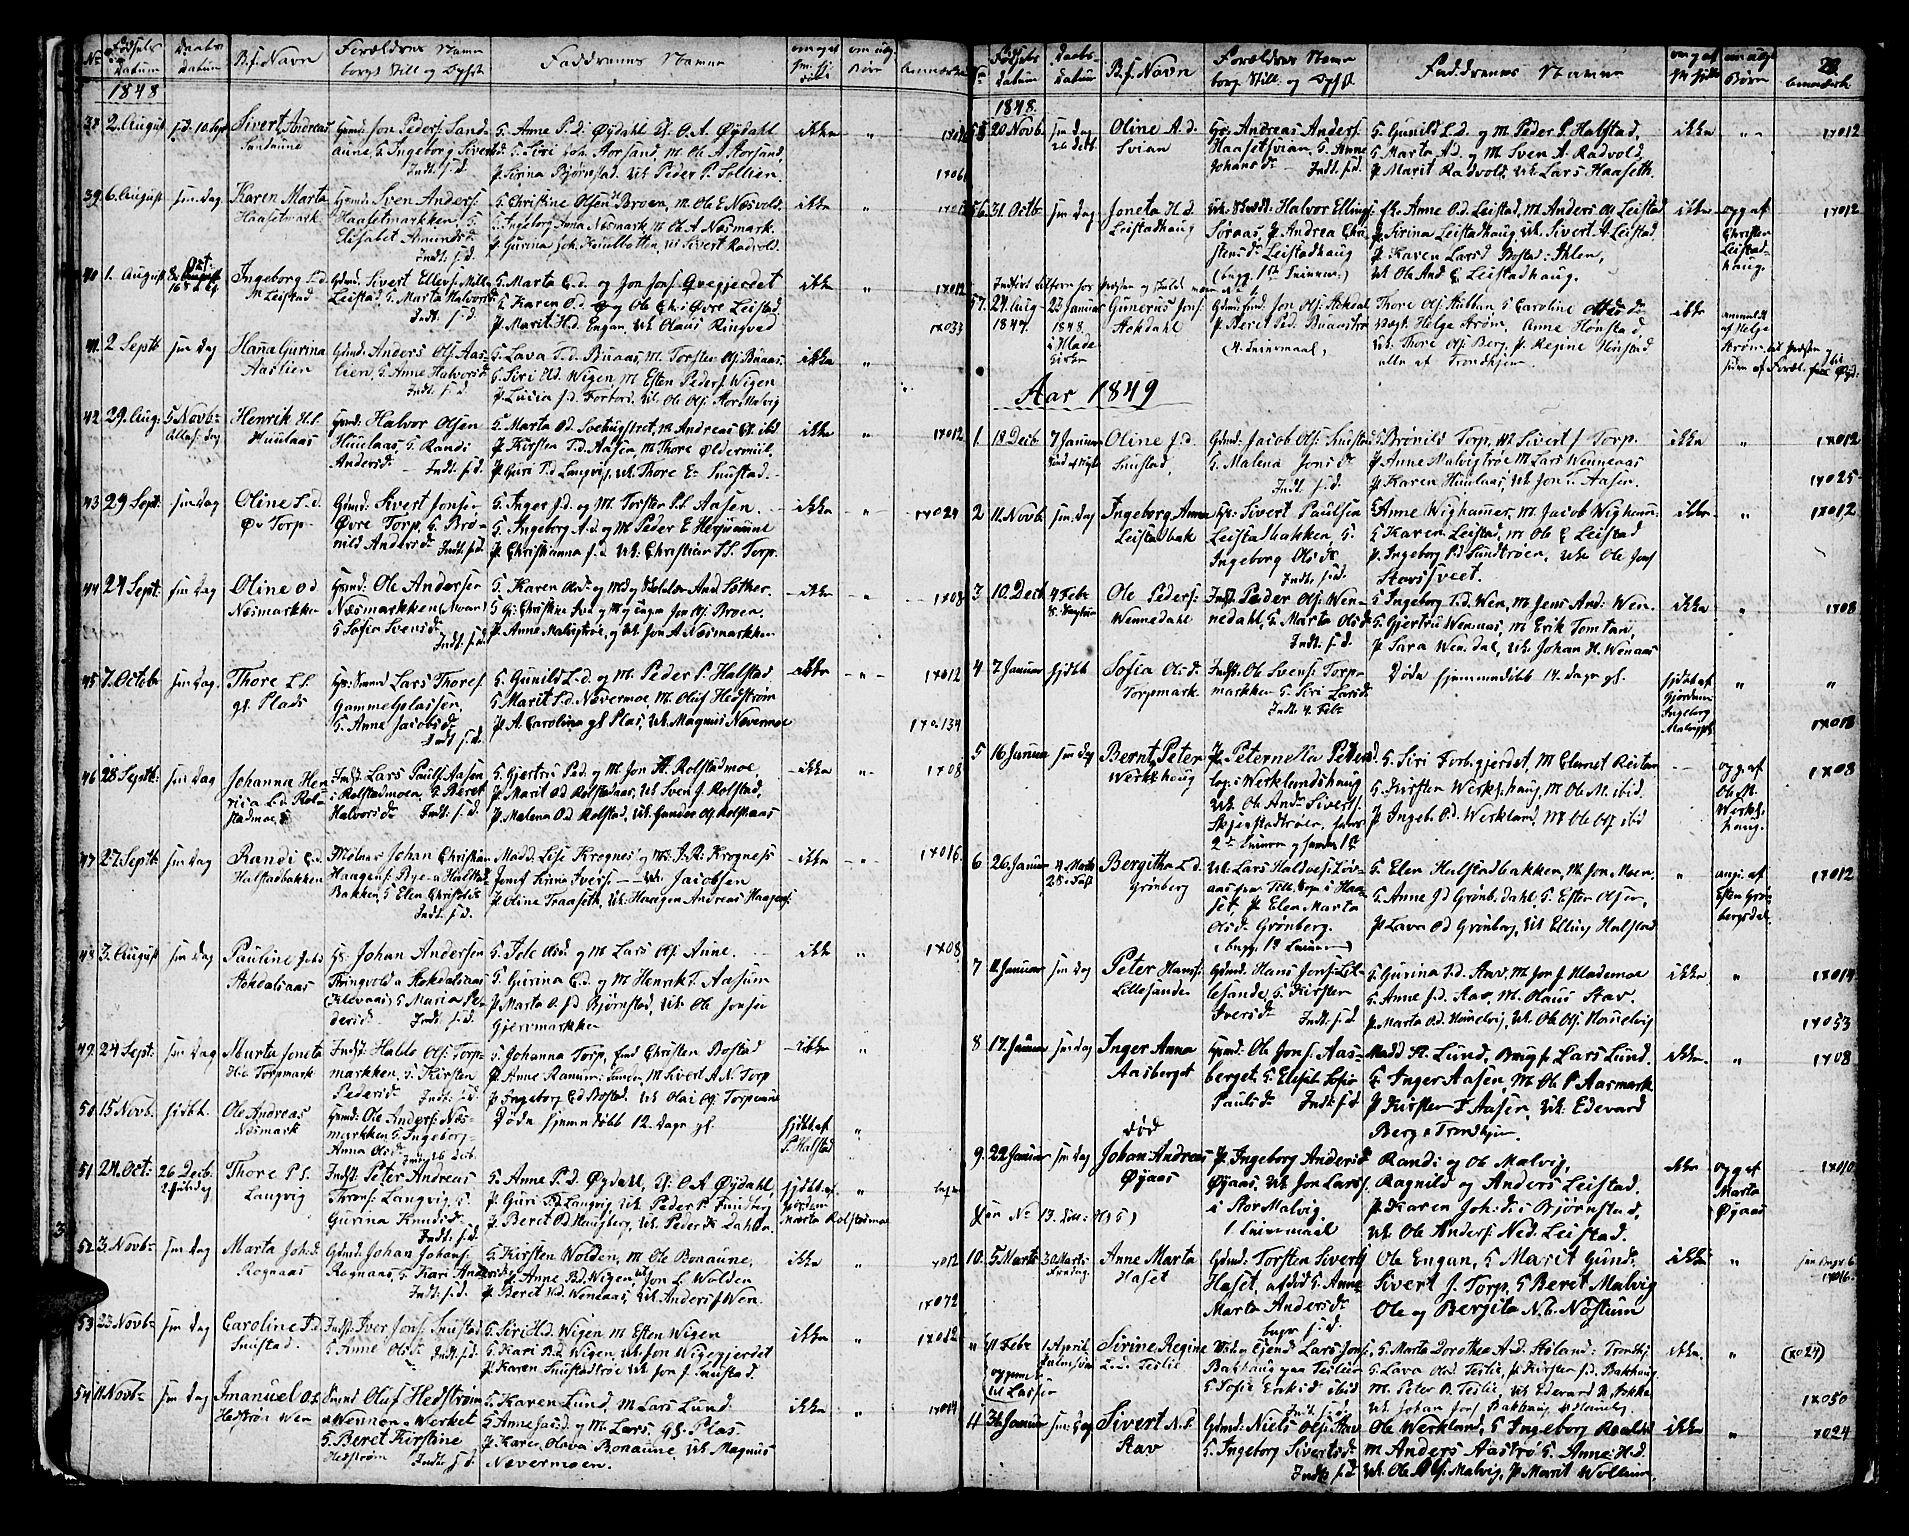 SAT, Ministerialprotokoller, klokkerbøker og fødselsregistre - Sør-Trøndelag, 616/L0421: Klokkerbok nr. 616C04, 1834-1850, s. 28a